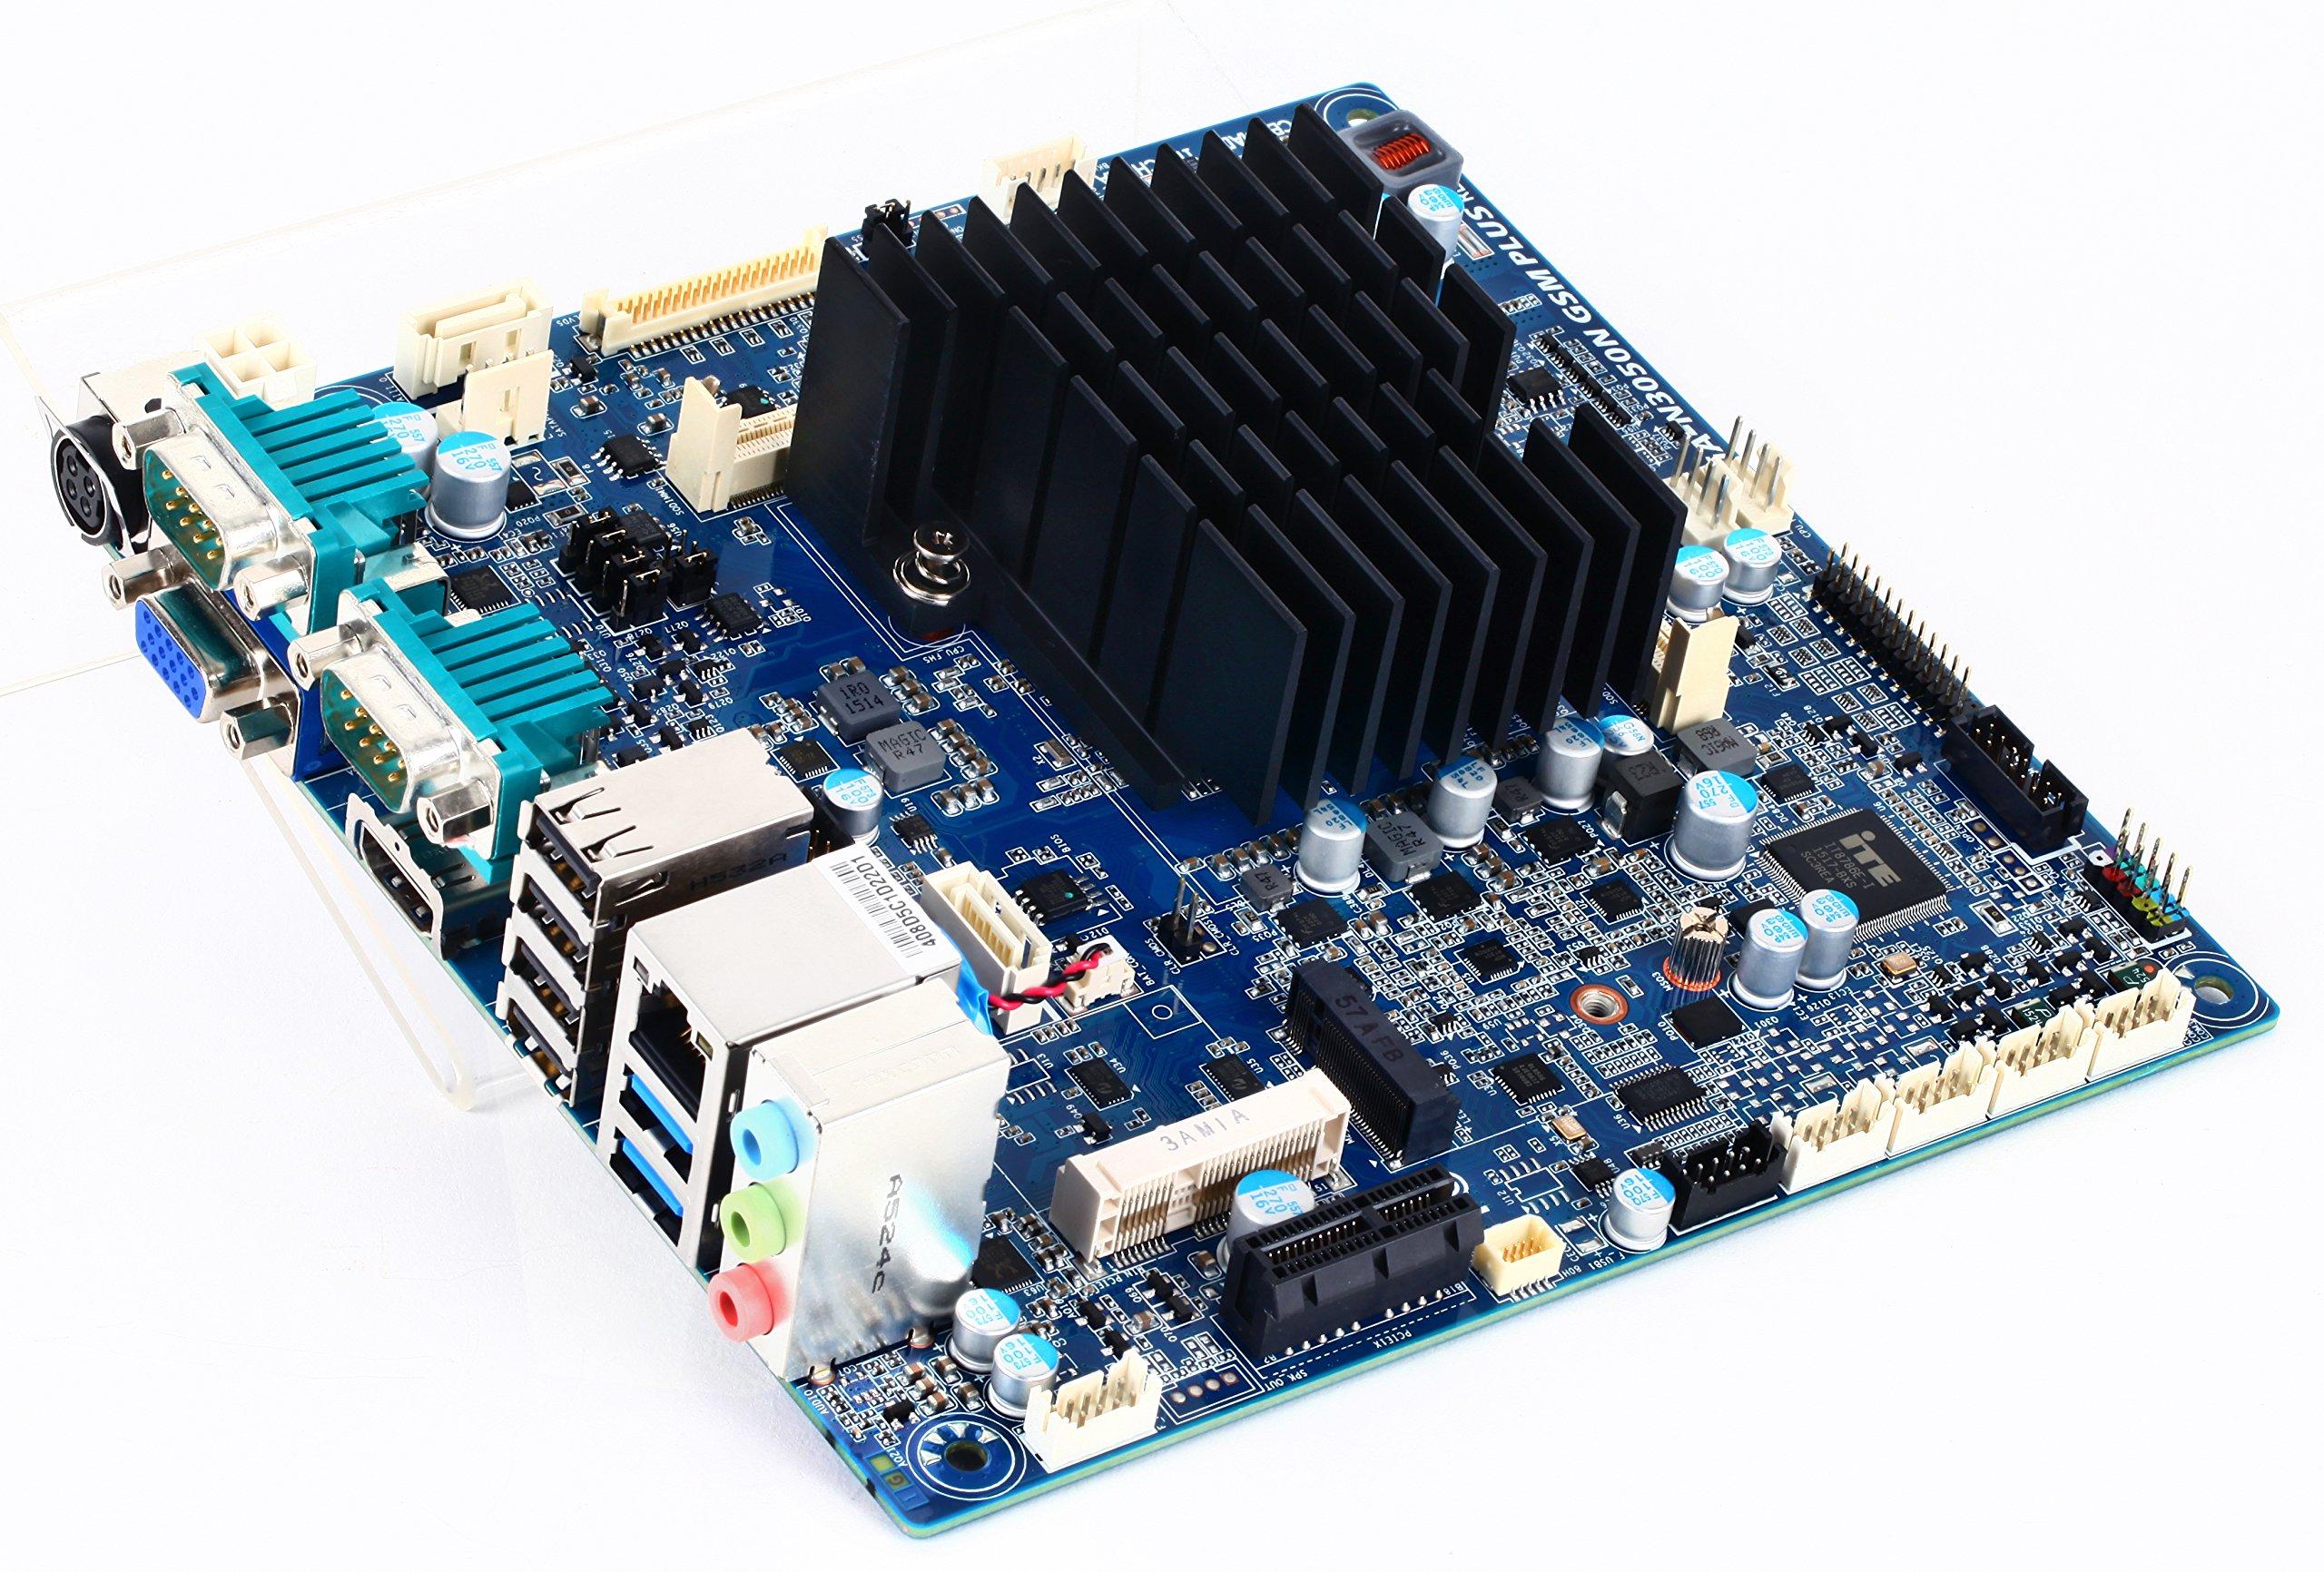 GIGABYTE GA-N3050N GSM PLUS Motherboard & CPU Combo by Gigabyte (Image #4)